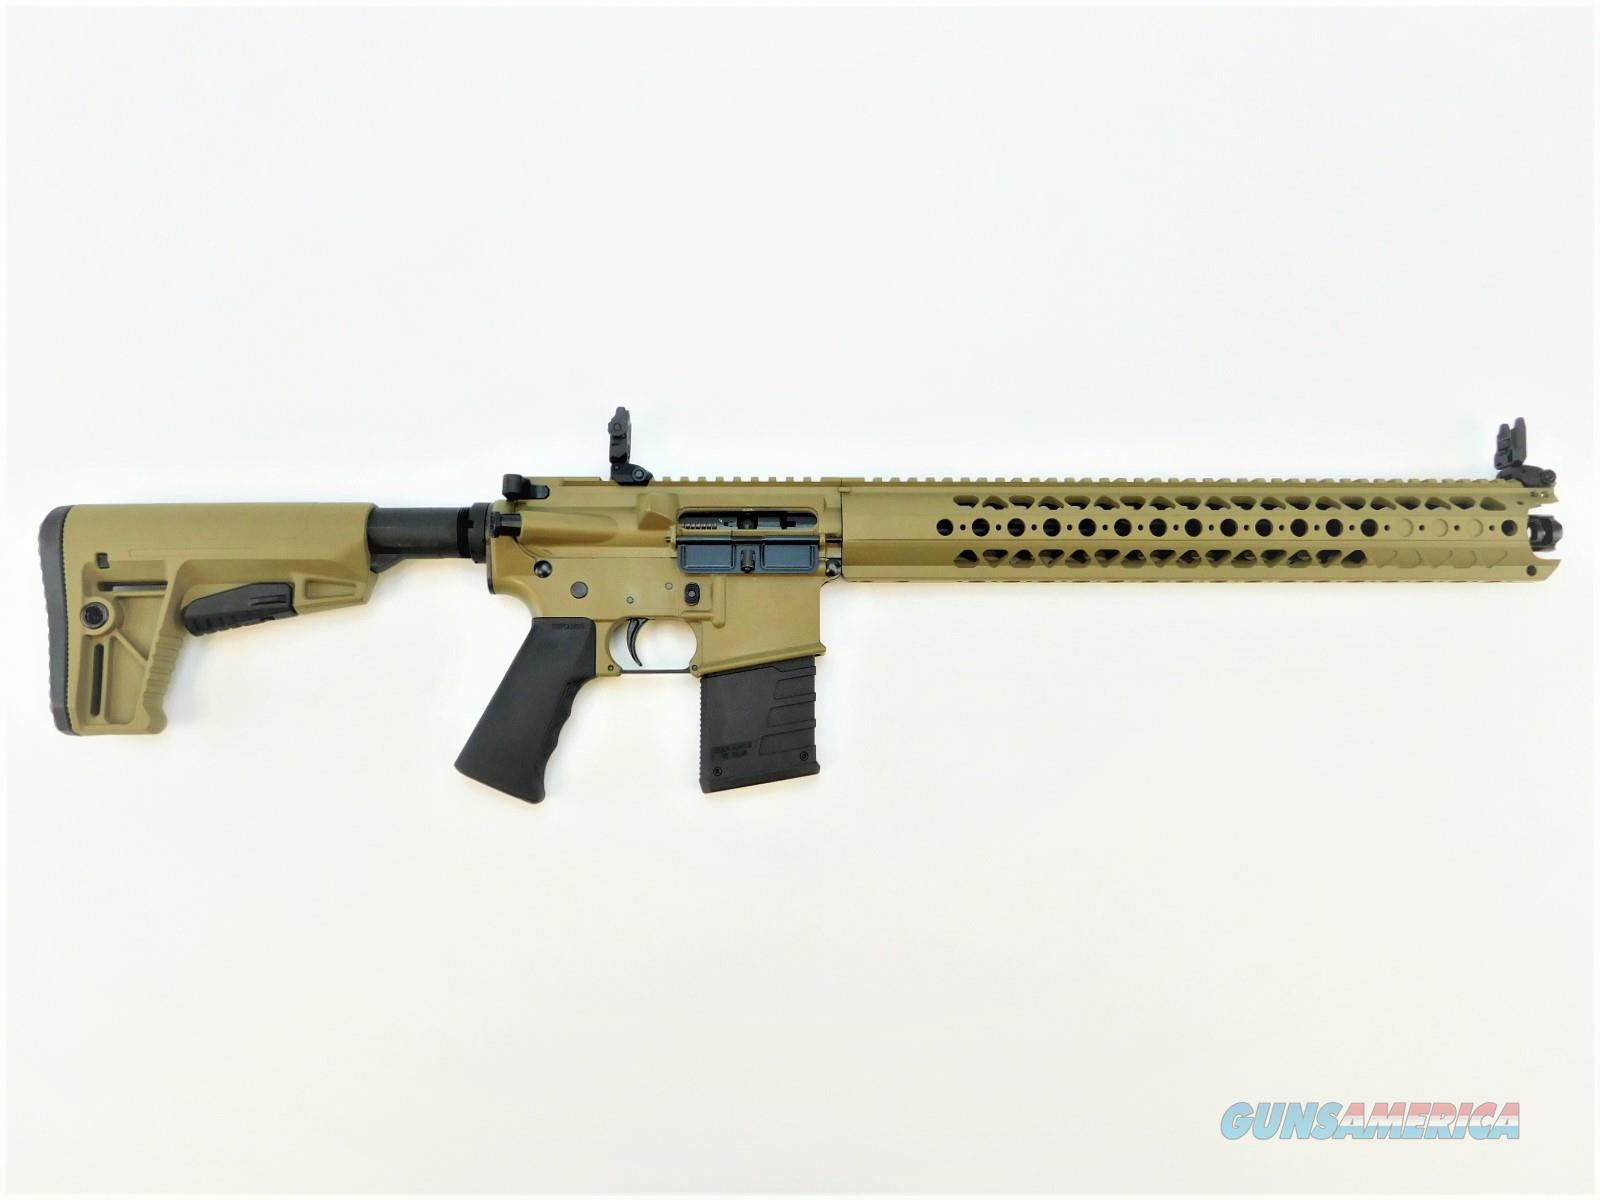 Kriss Defiance DMK22C FDE .22 LR DM22-CWSFD00  Guns > Rifles > Kriss Tactical Rifles